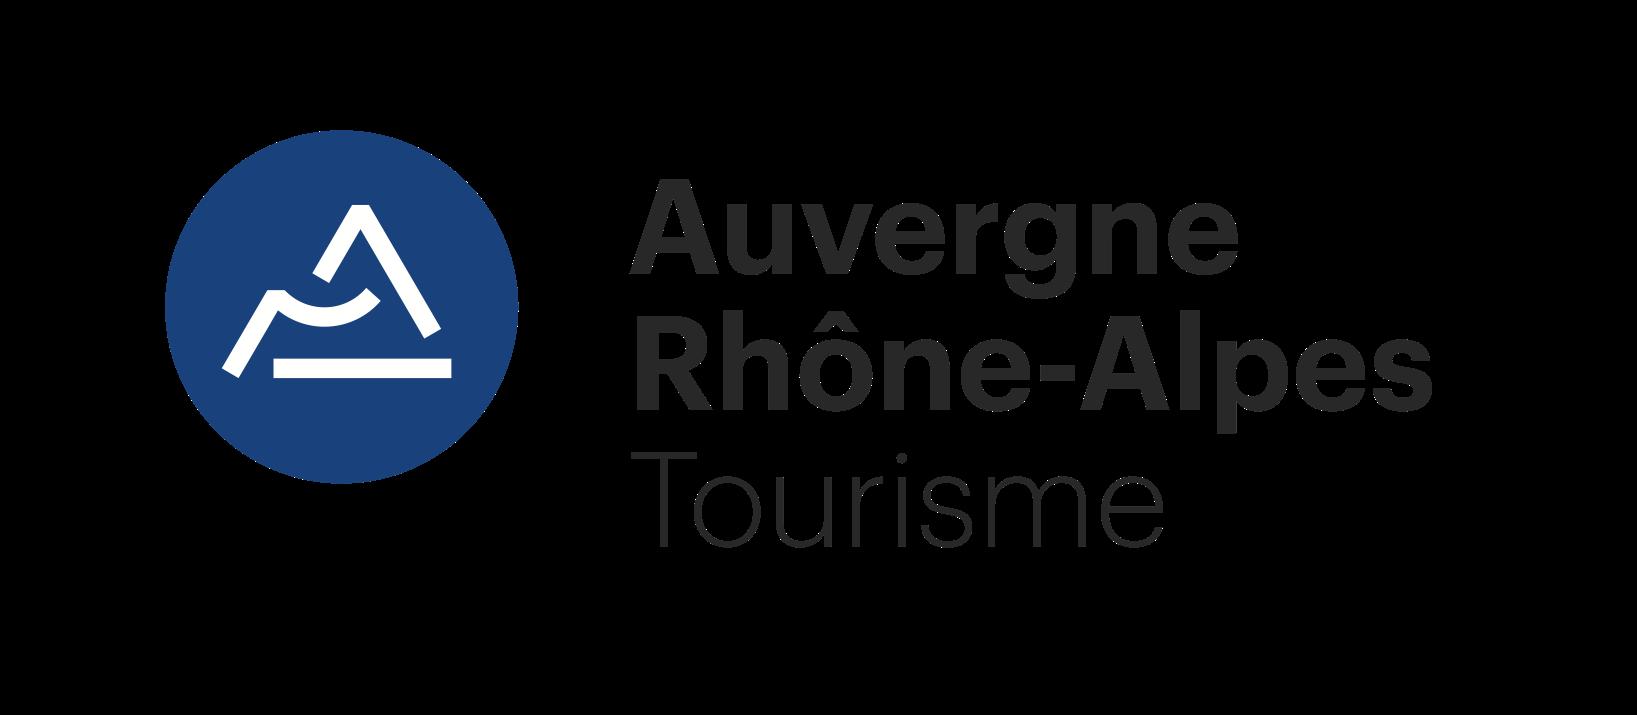 Auvergne Rhône-Alpes Tourisme logo